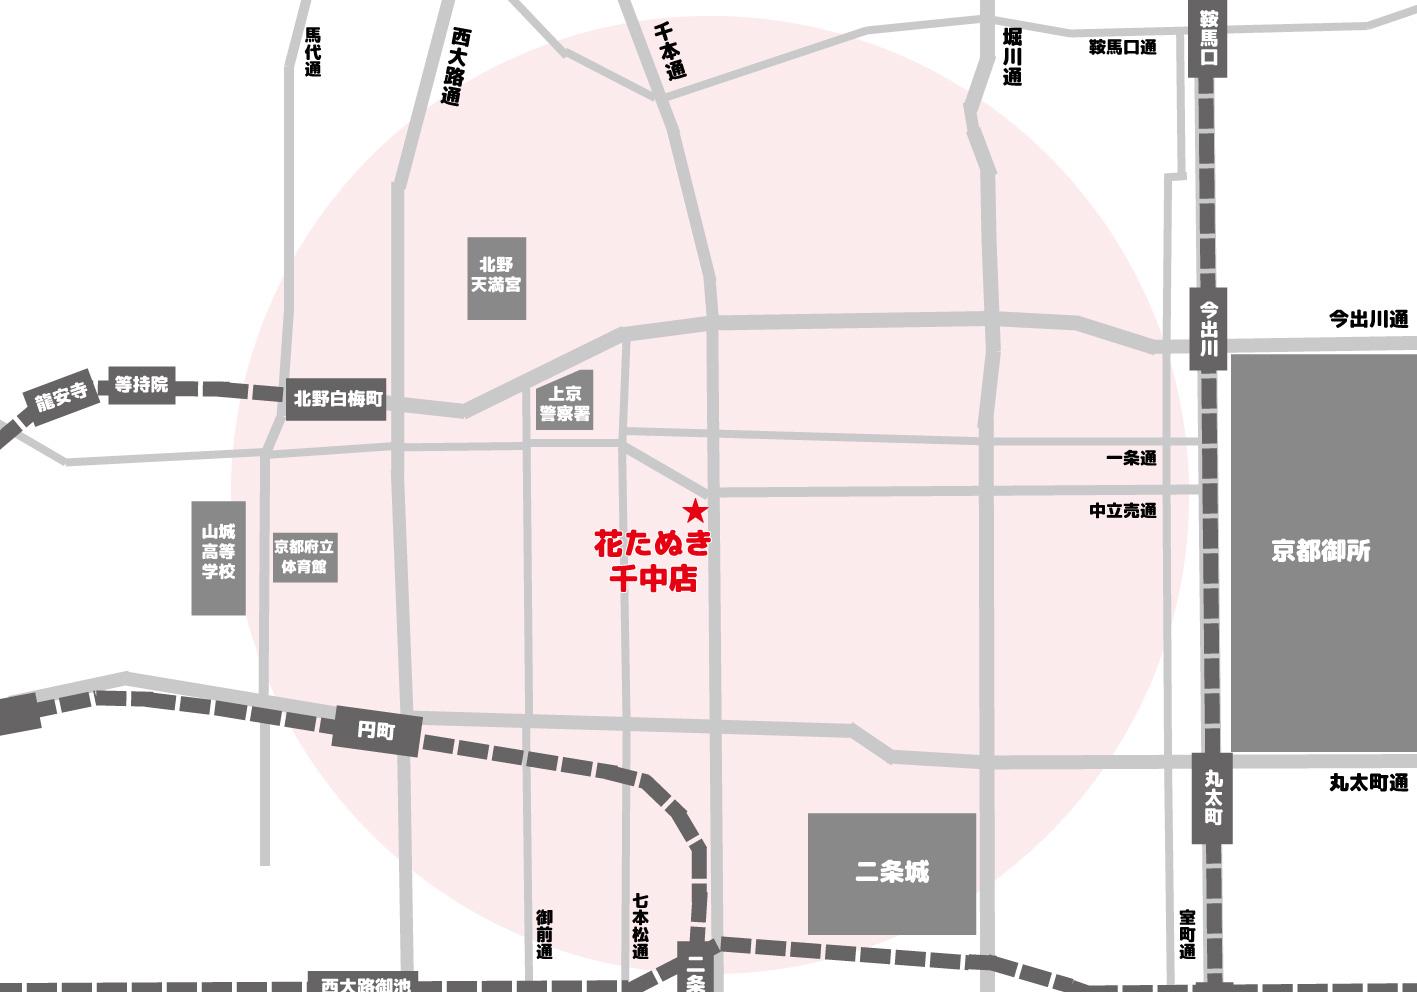 千中店デリバリー対象地域